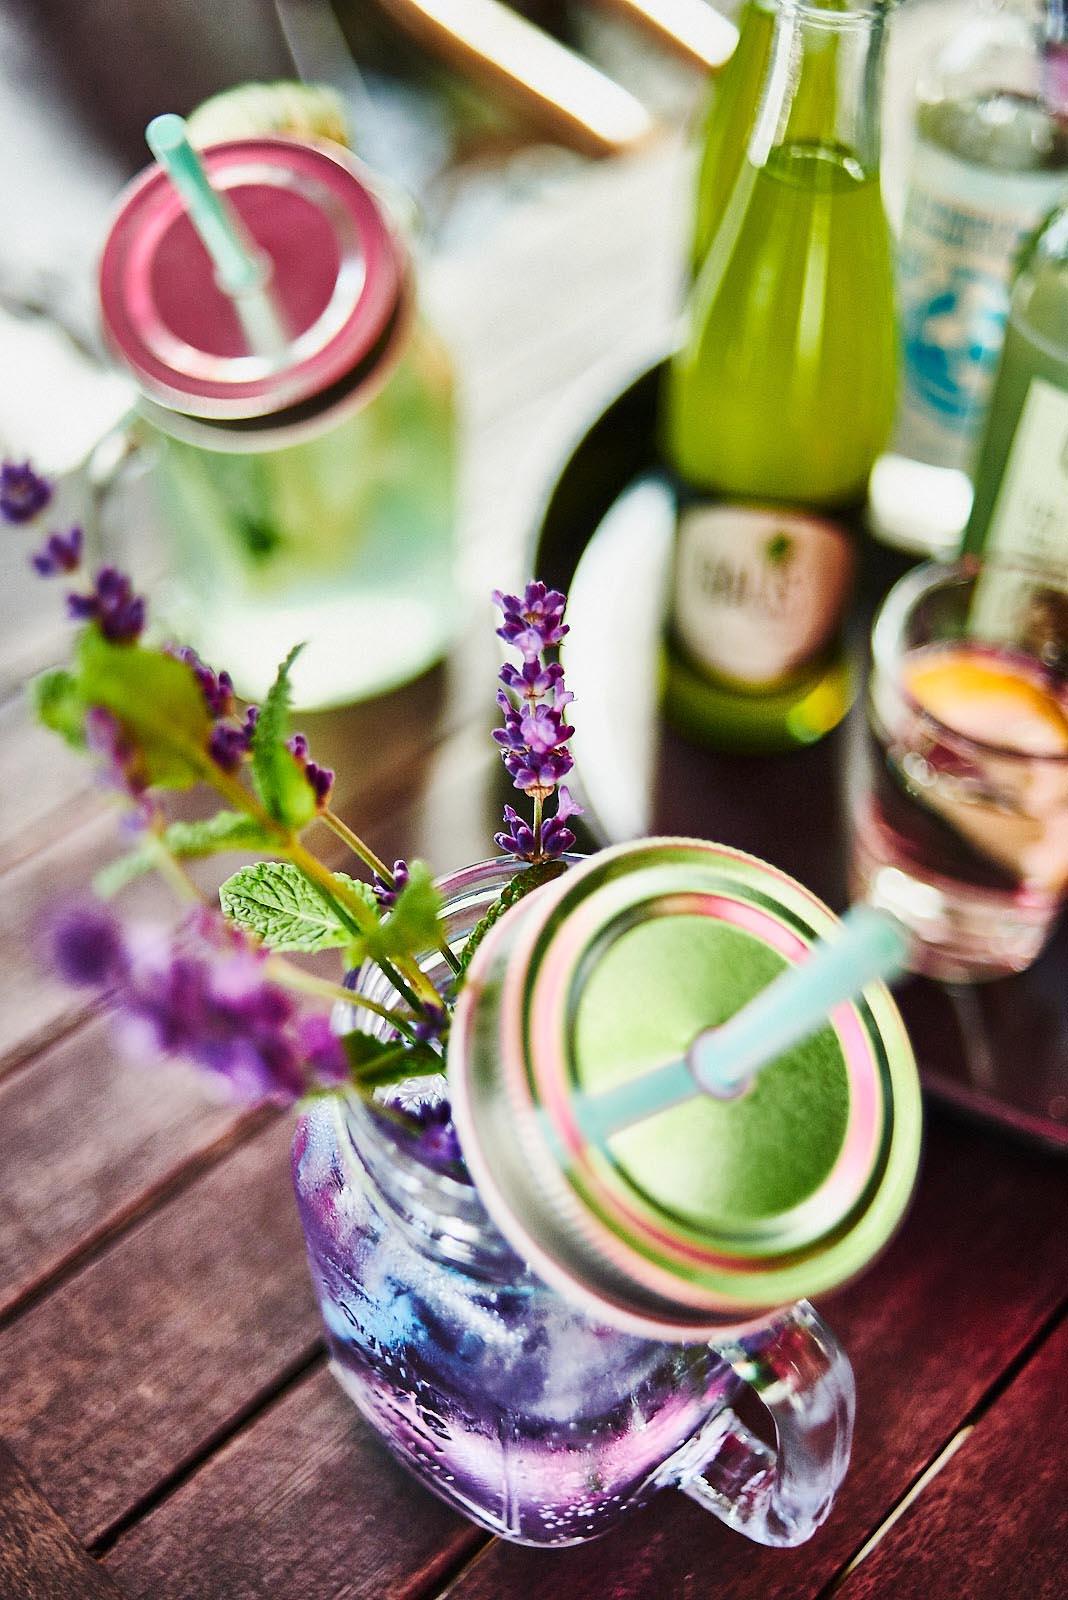 Hausgemachte Limonade mit Lavendel und Minze im Cafe Pfefferminzje in Koblenz - Foodfotografie von Anna Schneider neon fotografie